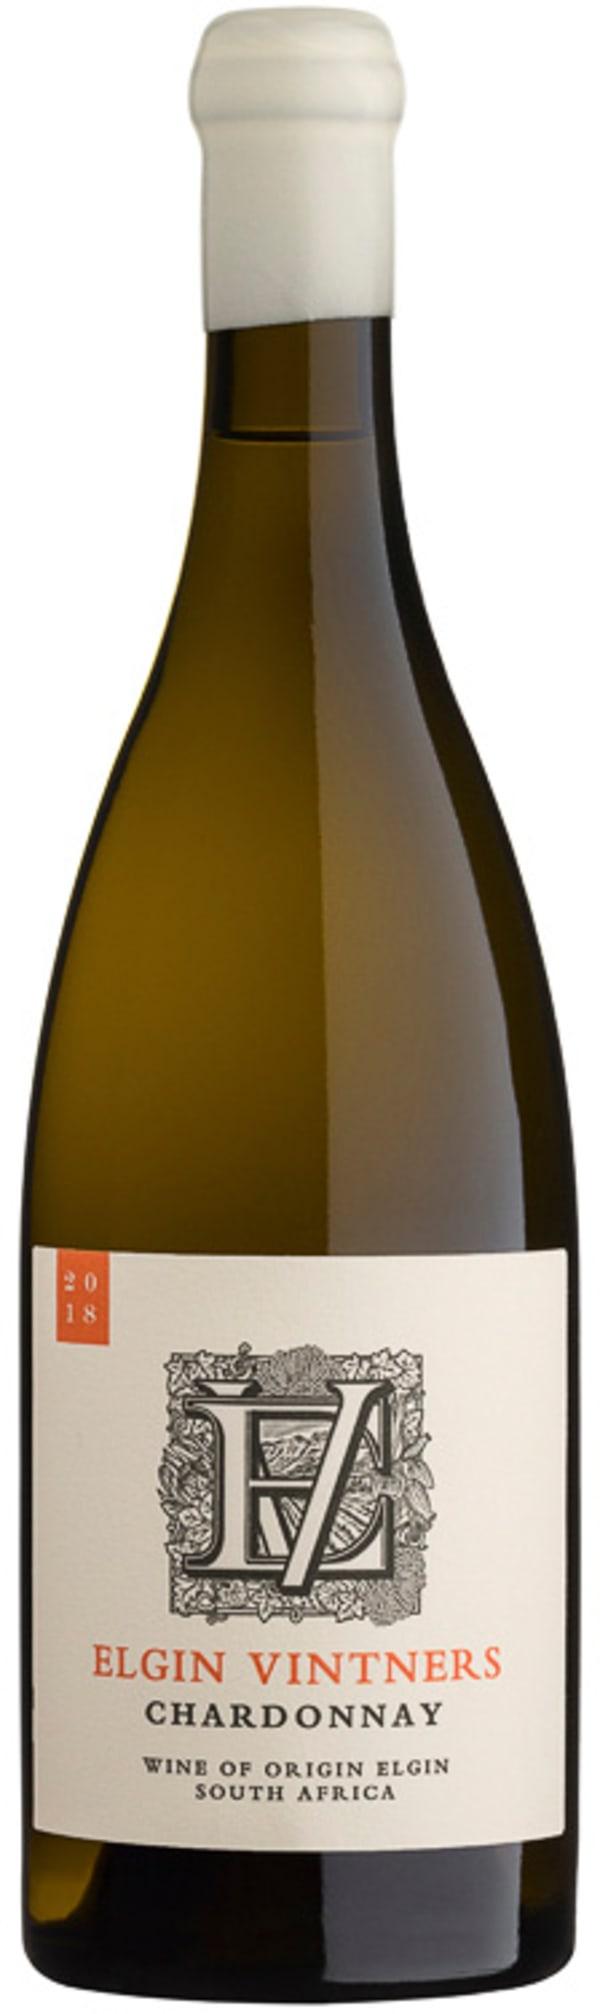 Elgin Vintners Chardonnay 2018